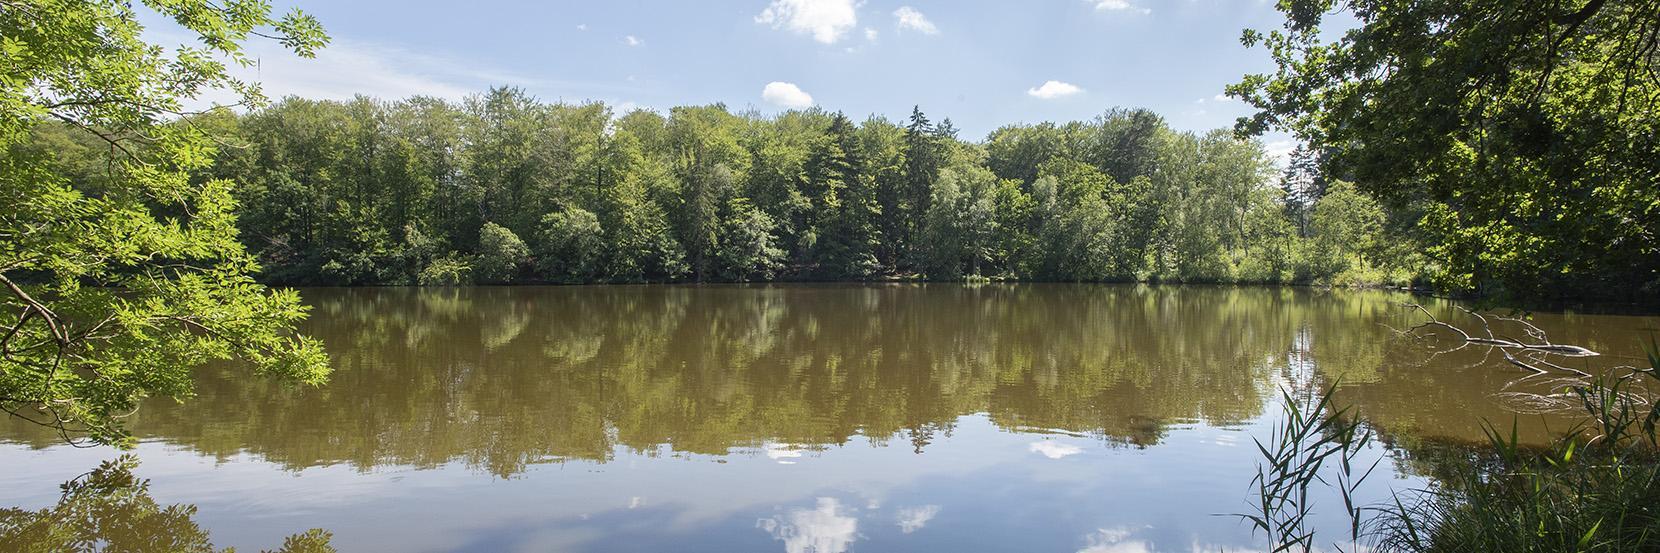 Skovsø i Rude Skov